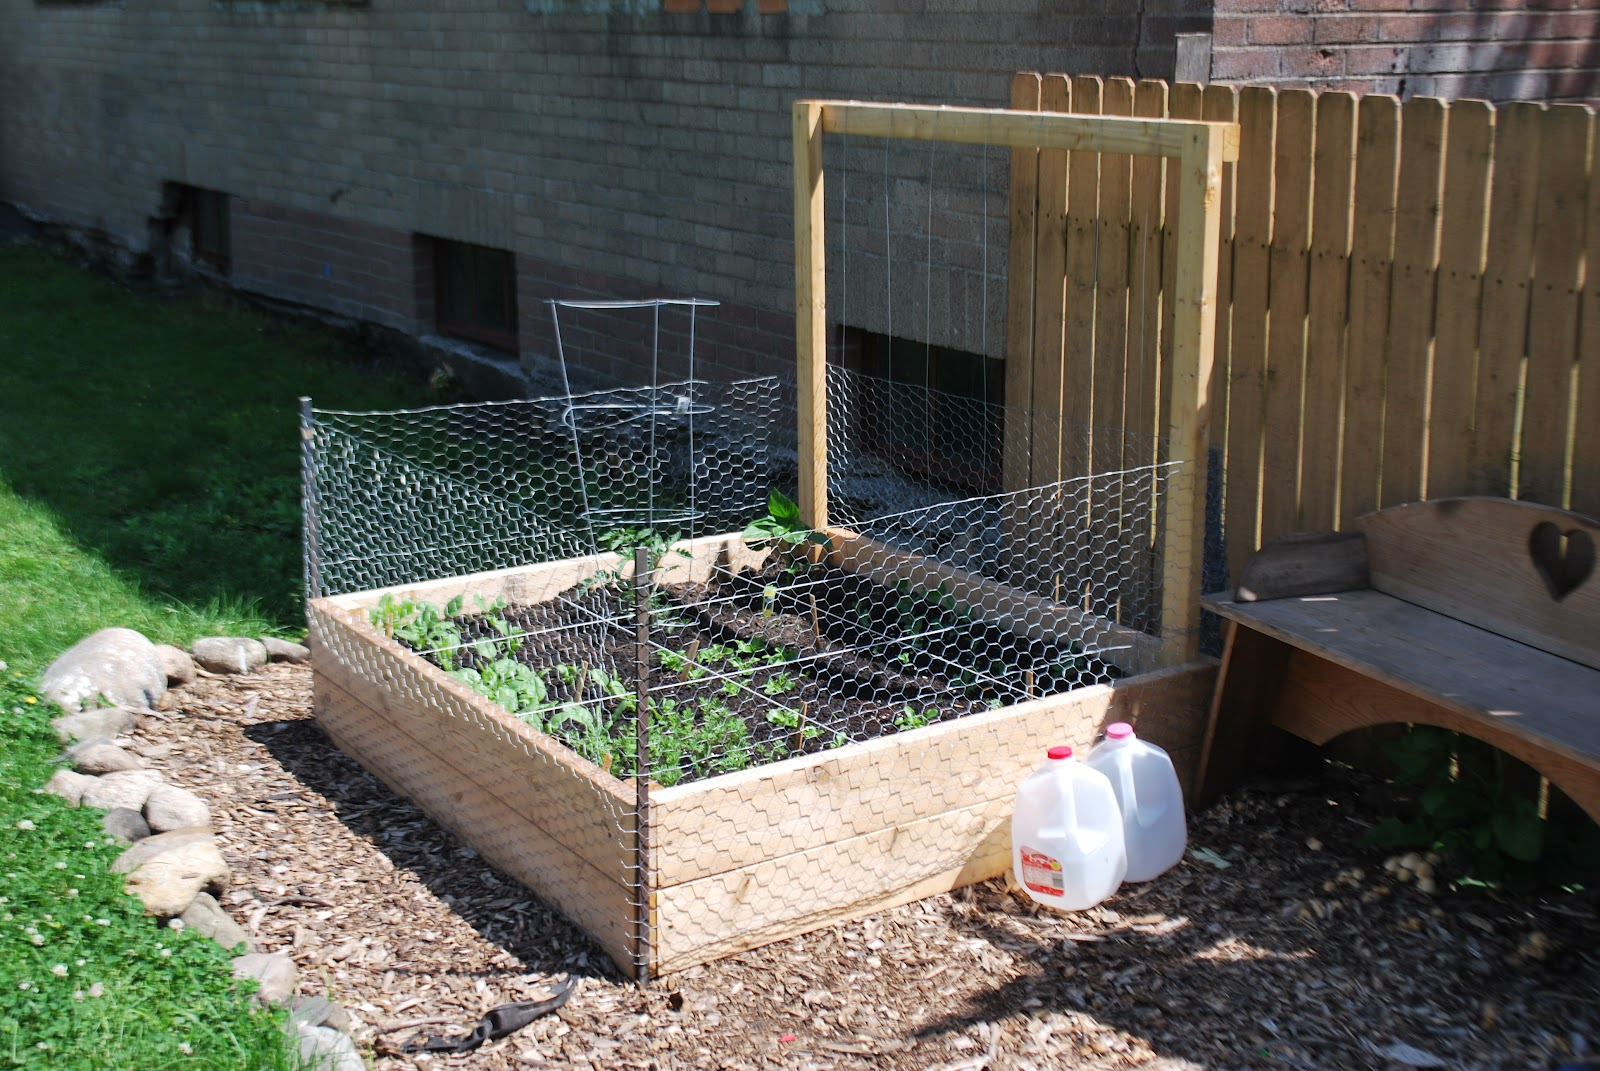 Diy Raised Garden Bed 4ft X 8ft